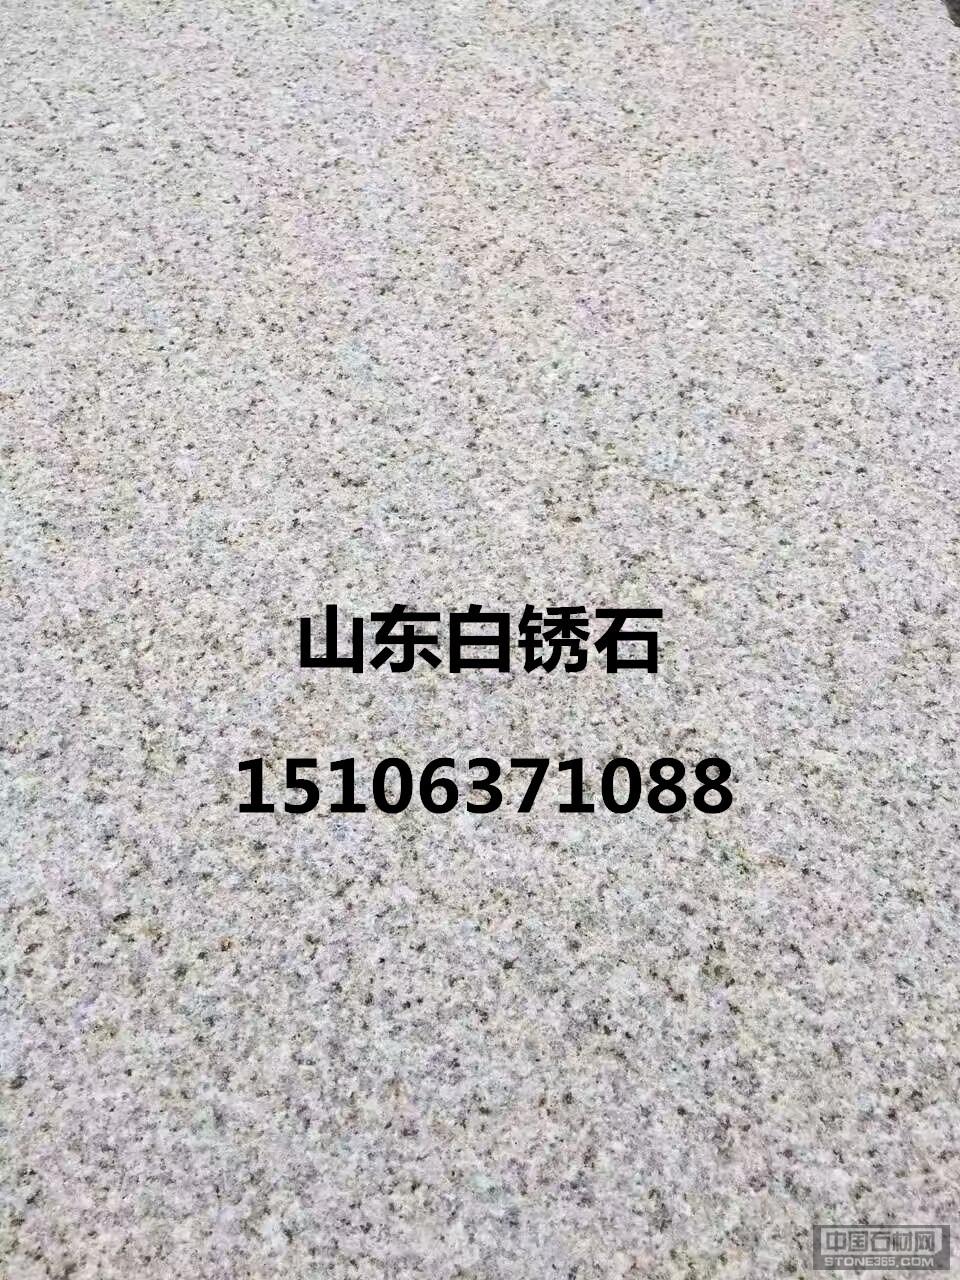 批发白锈石花岗岩板材